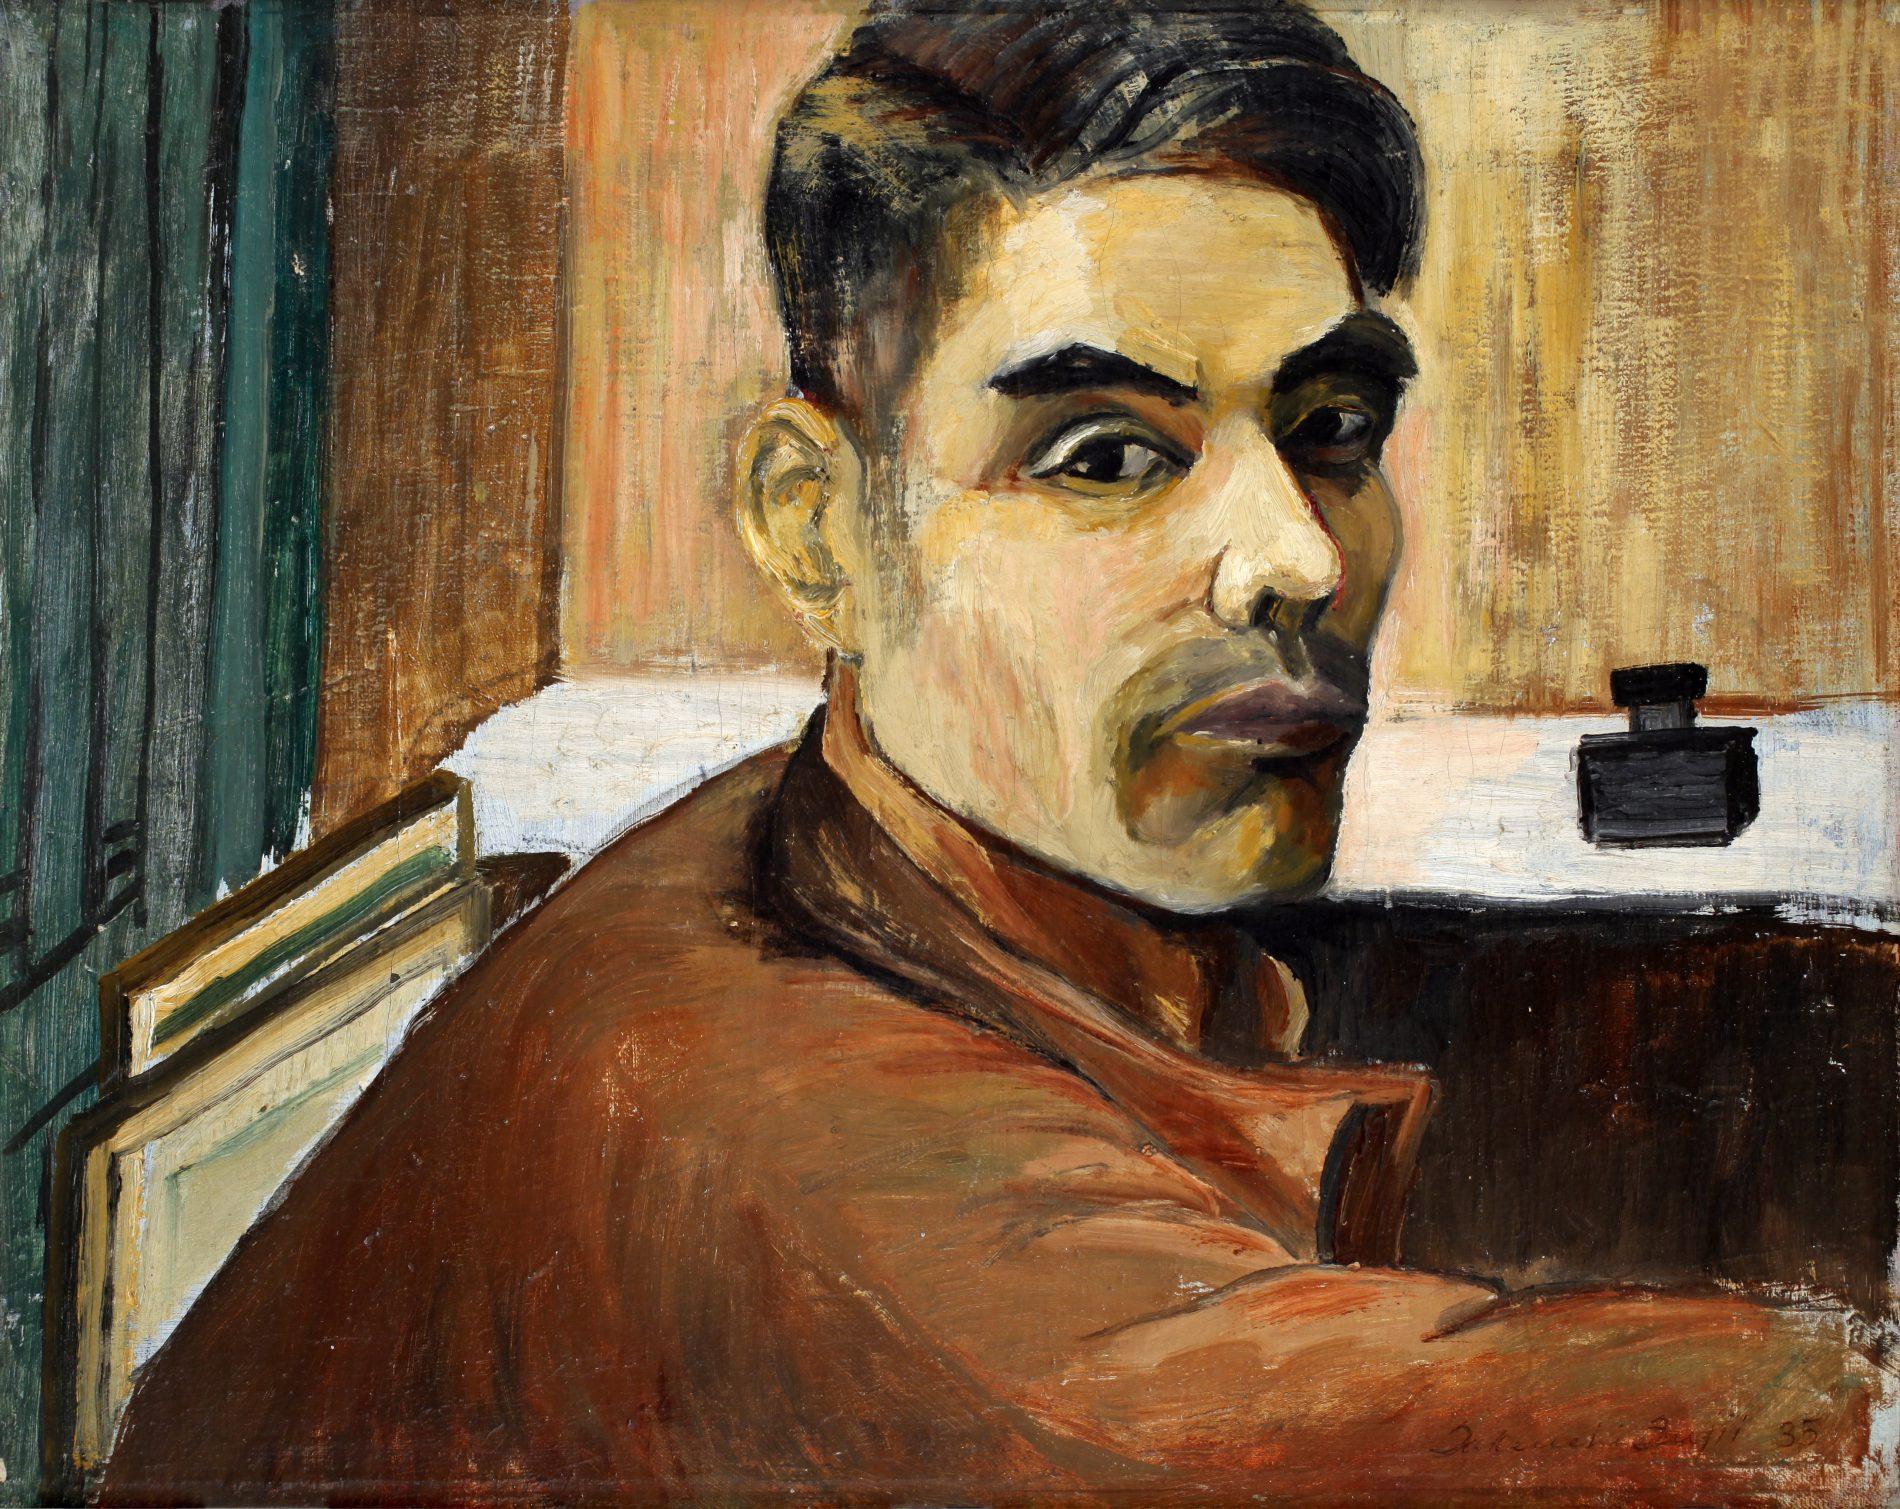 Takuichi Fujii, Self Portrait, 1935